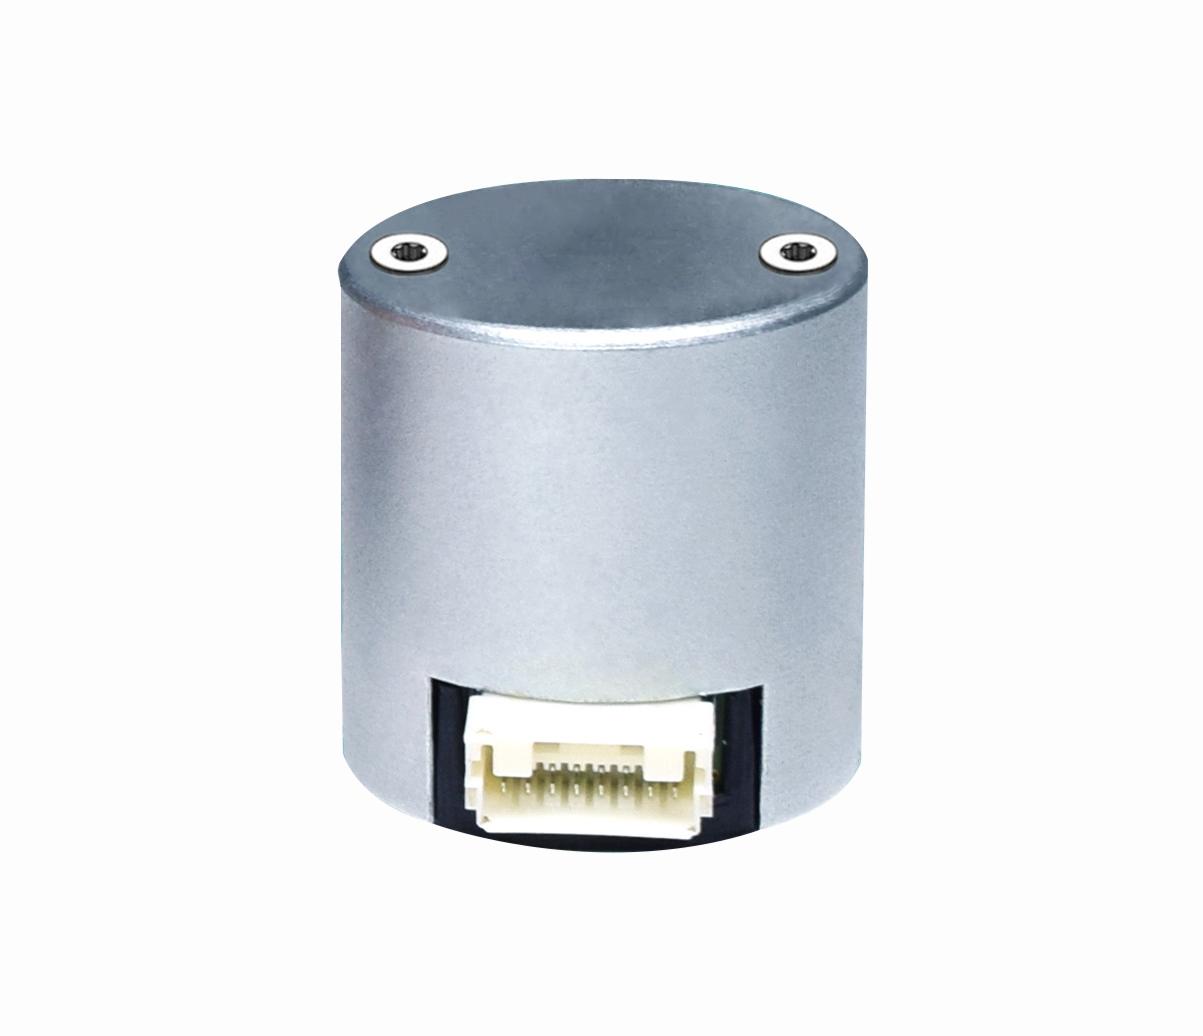 Kompaktes Encoder-Multiturn-Kit